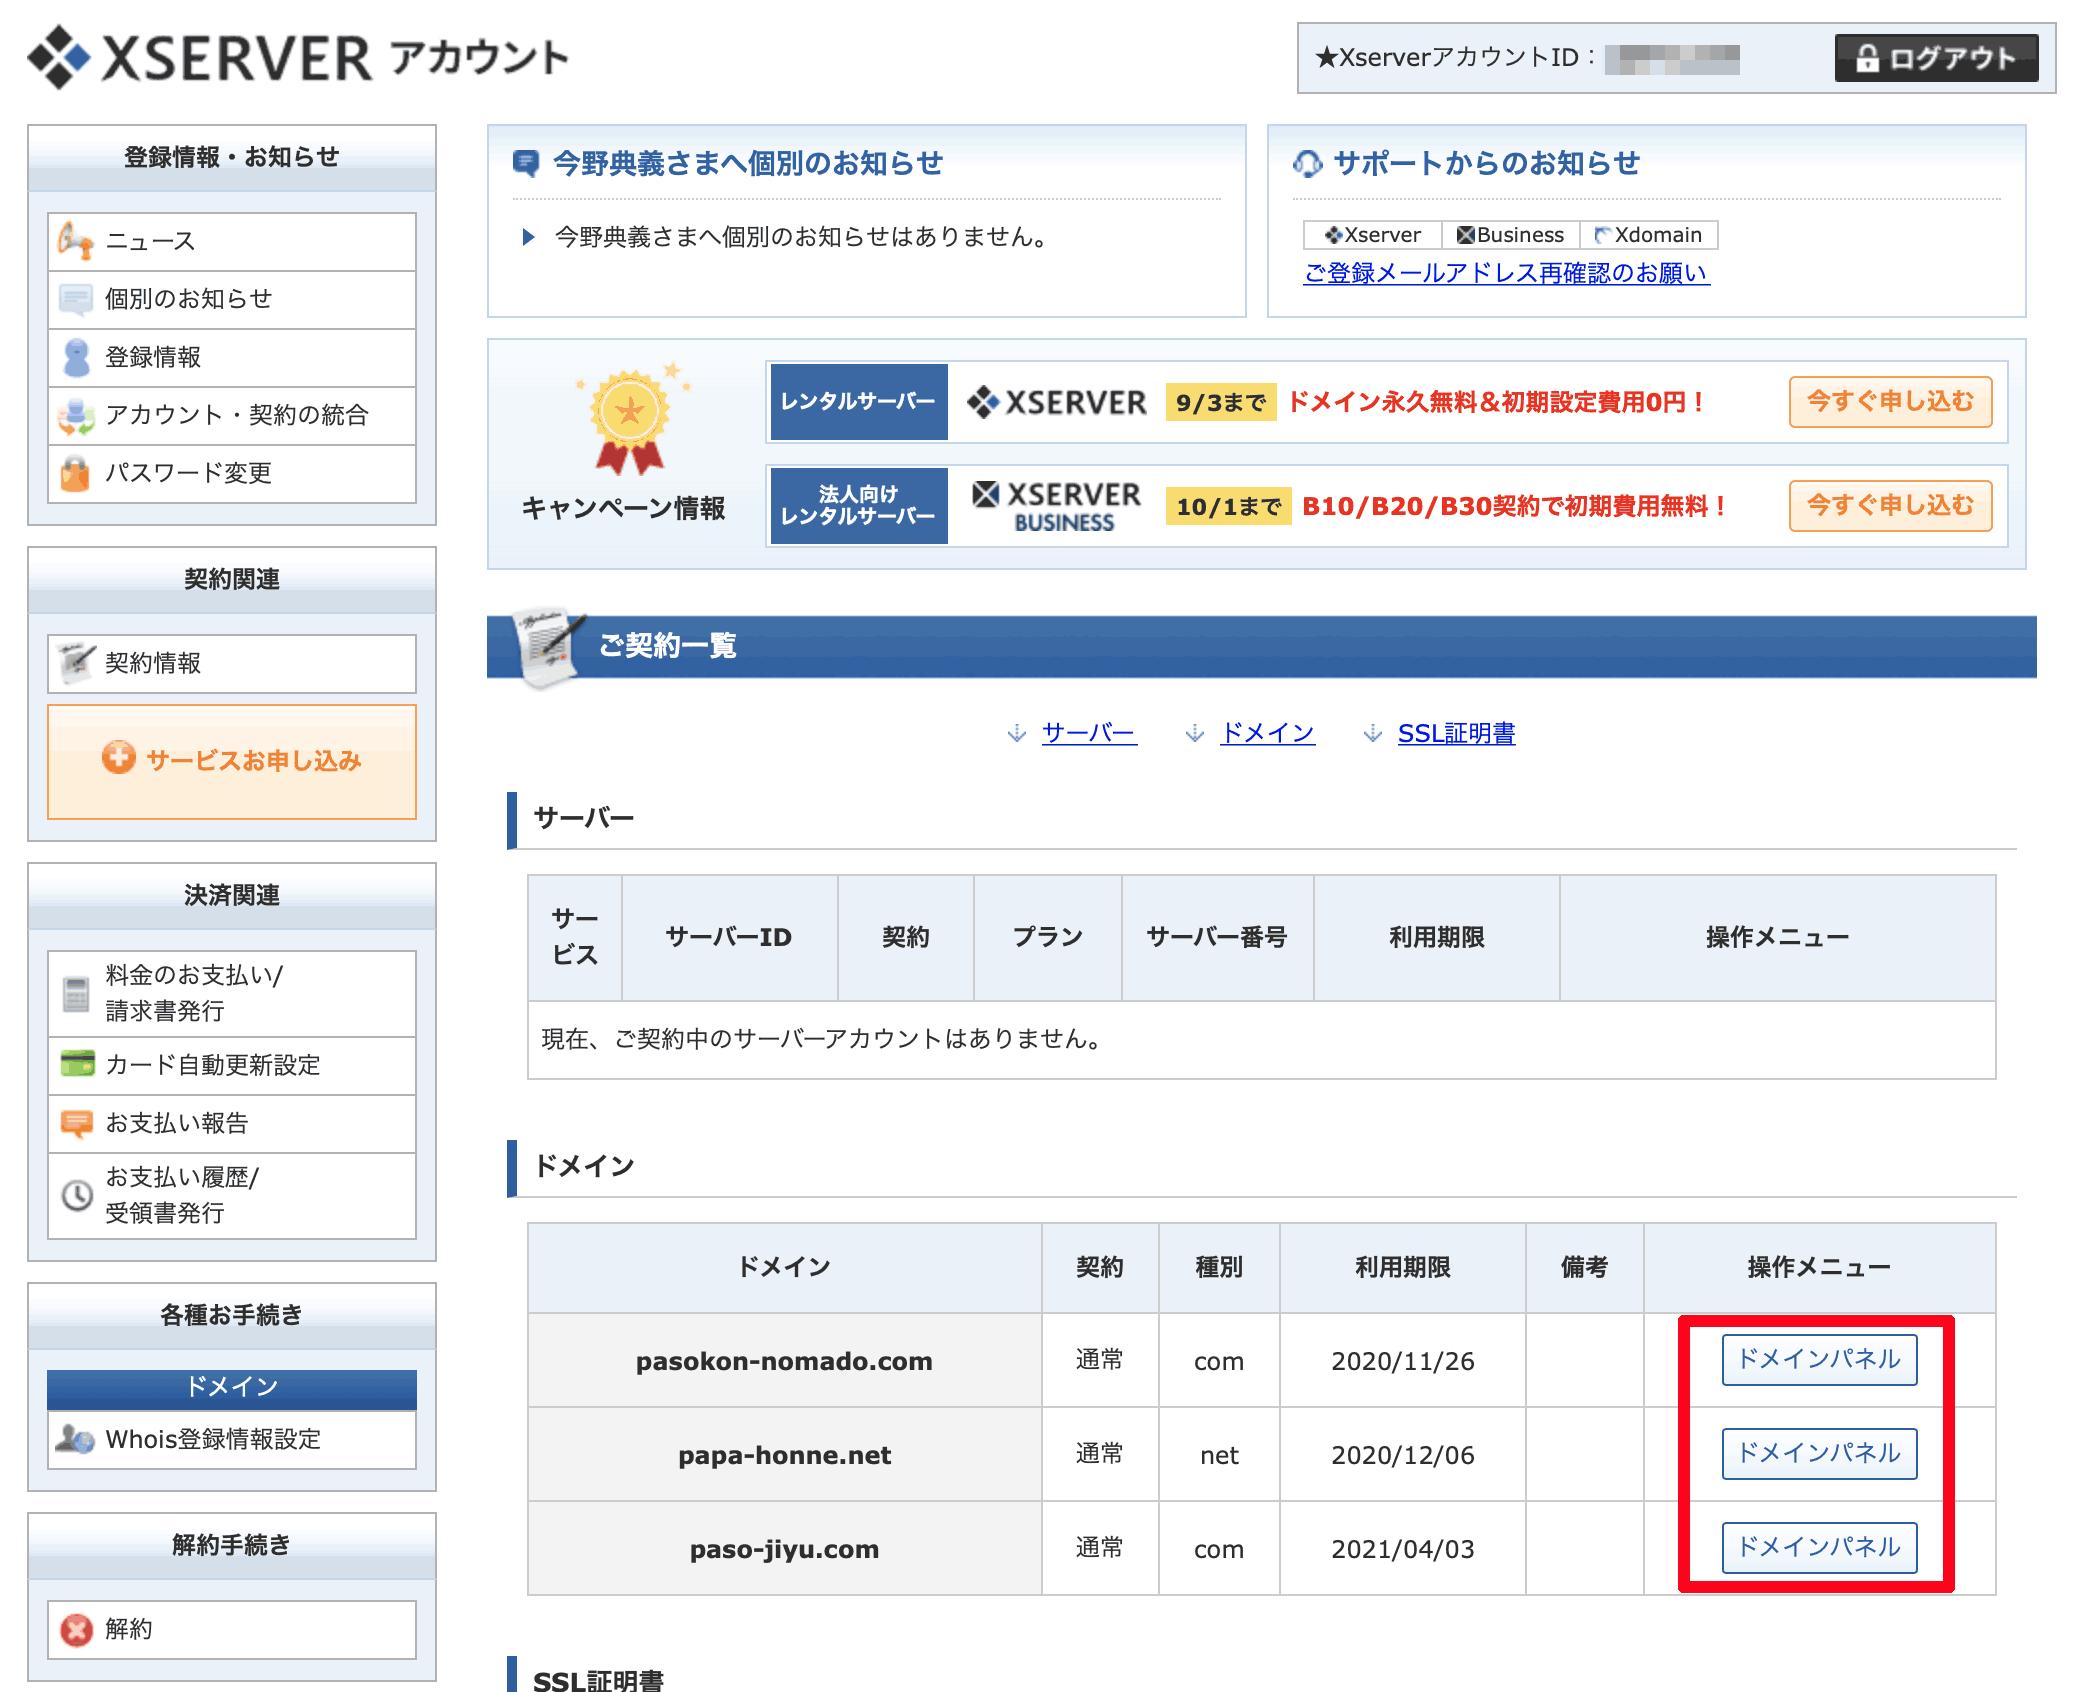 XSERVERアカウント ドメイン